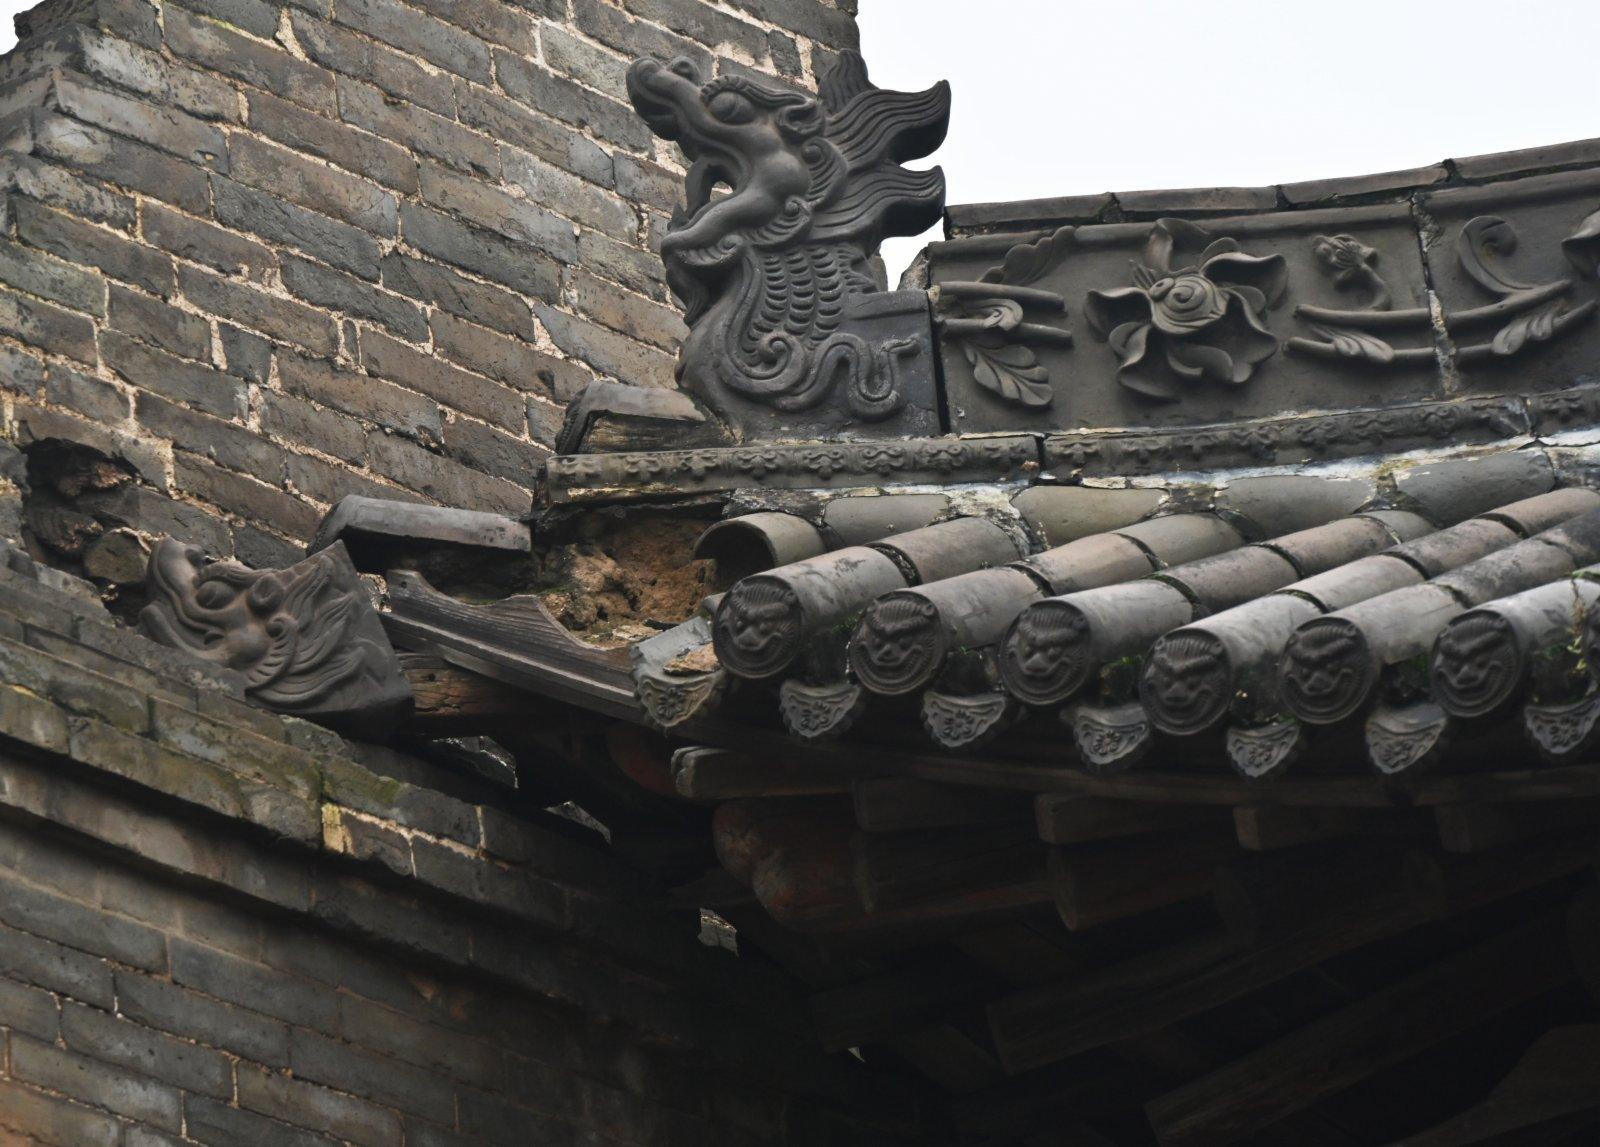 全國重點文物保護單位山西省汾城古建築群的城隍廟一處建築簷部瓦件脫落(10月12日攝)。